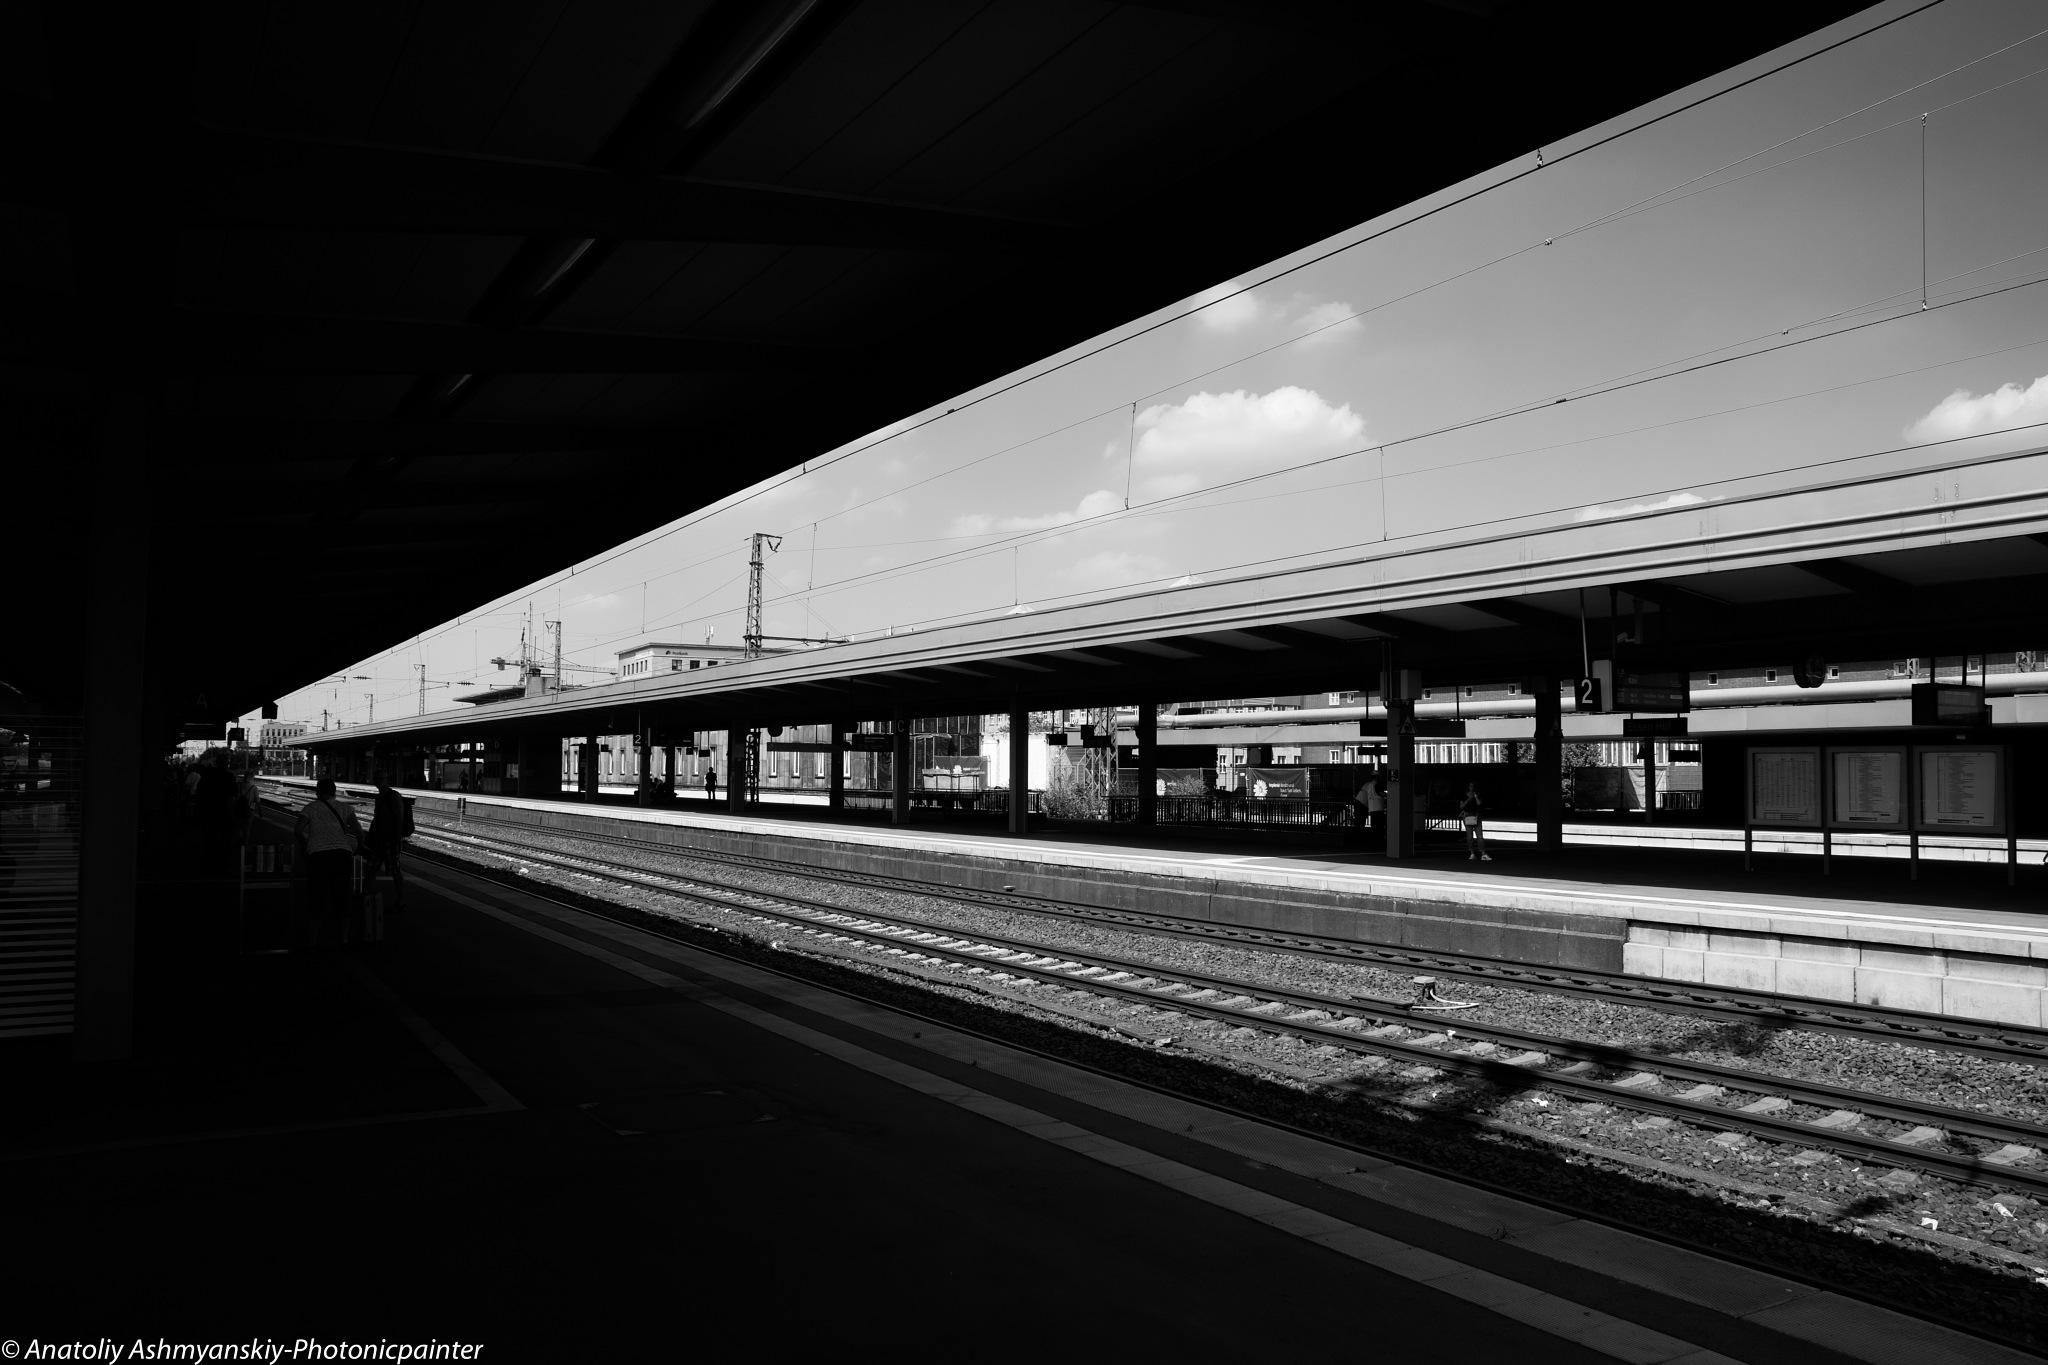 @Train station by Anatoliy Ashmyanskiy